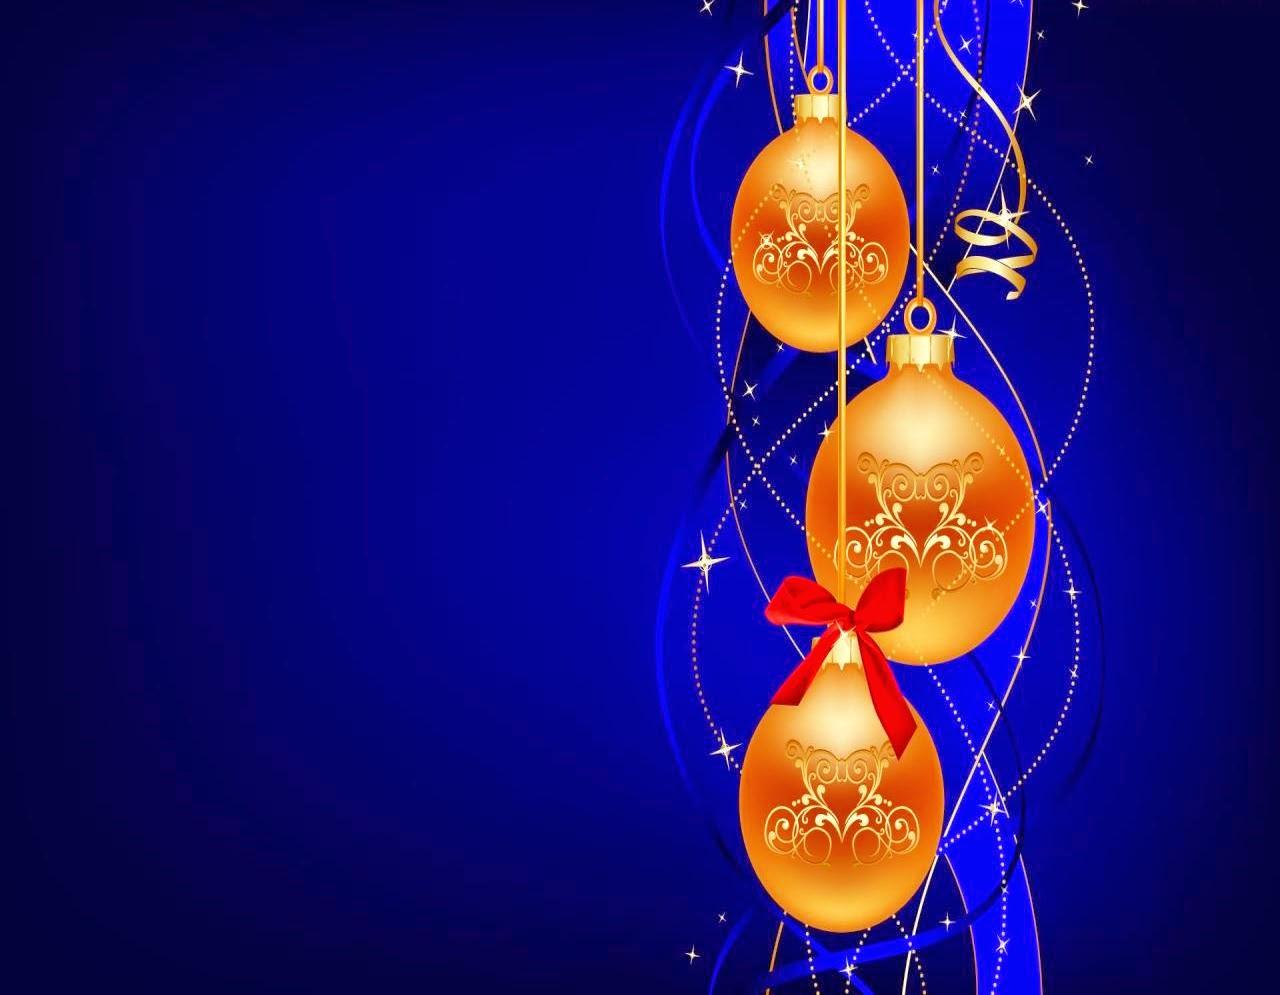 Fondos Pantalla Animados De Navidad: ® Imágenes Y Gifs Animados ®: FONDOS DE PANTALLA DE NAVIDAD